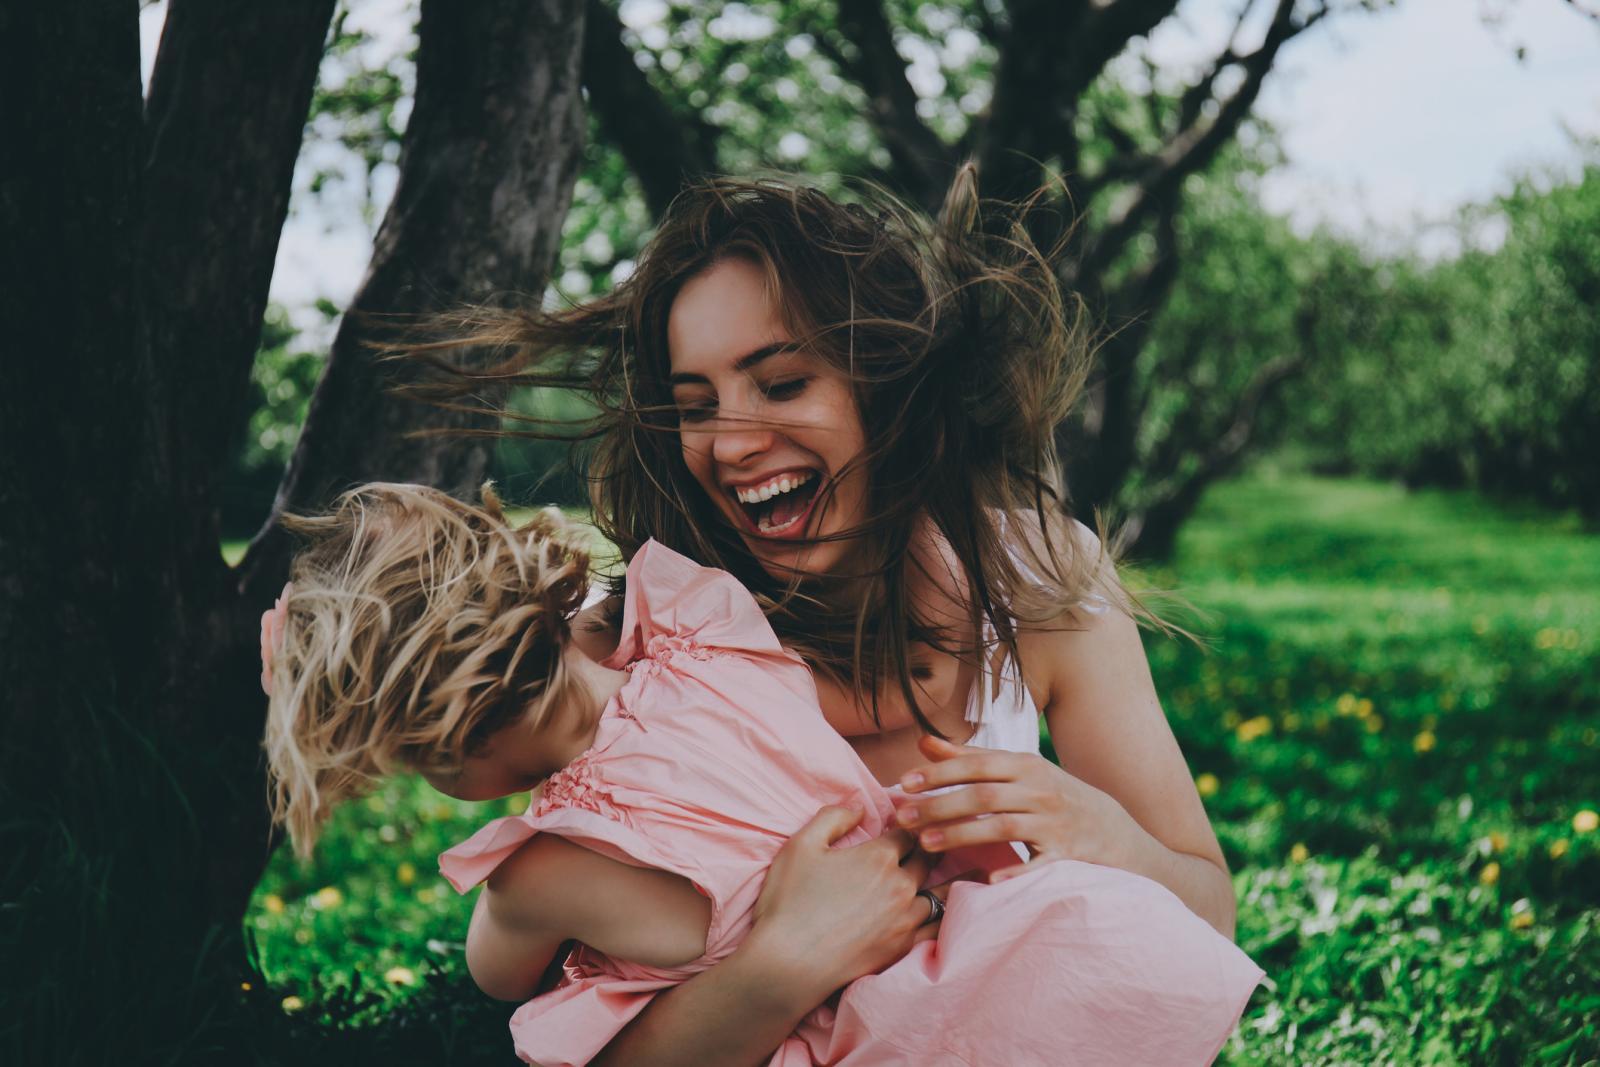 Preporučuje se  nastaviti s djetetovom uobičajenom prehranom jer proljev i povraćanje uzrokuju gubitak energije i snage djeteta.